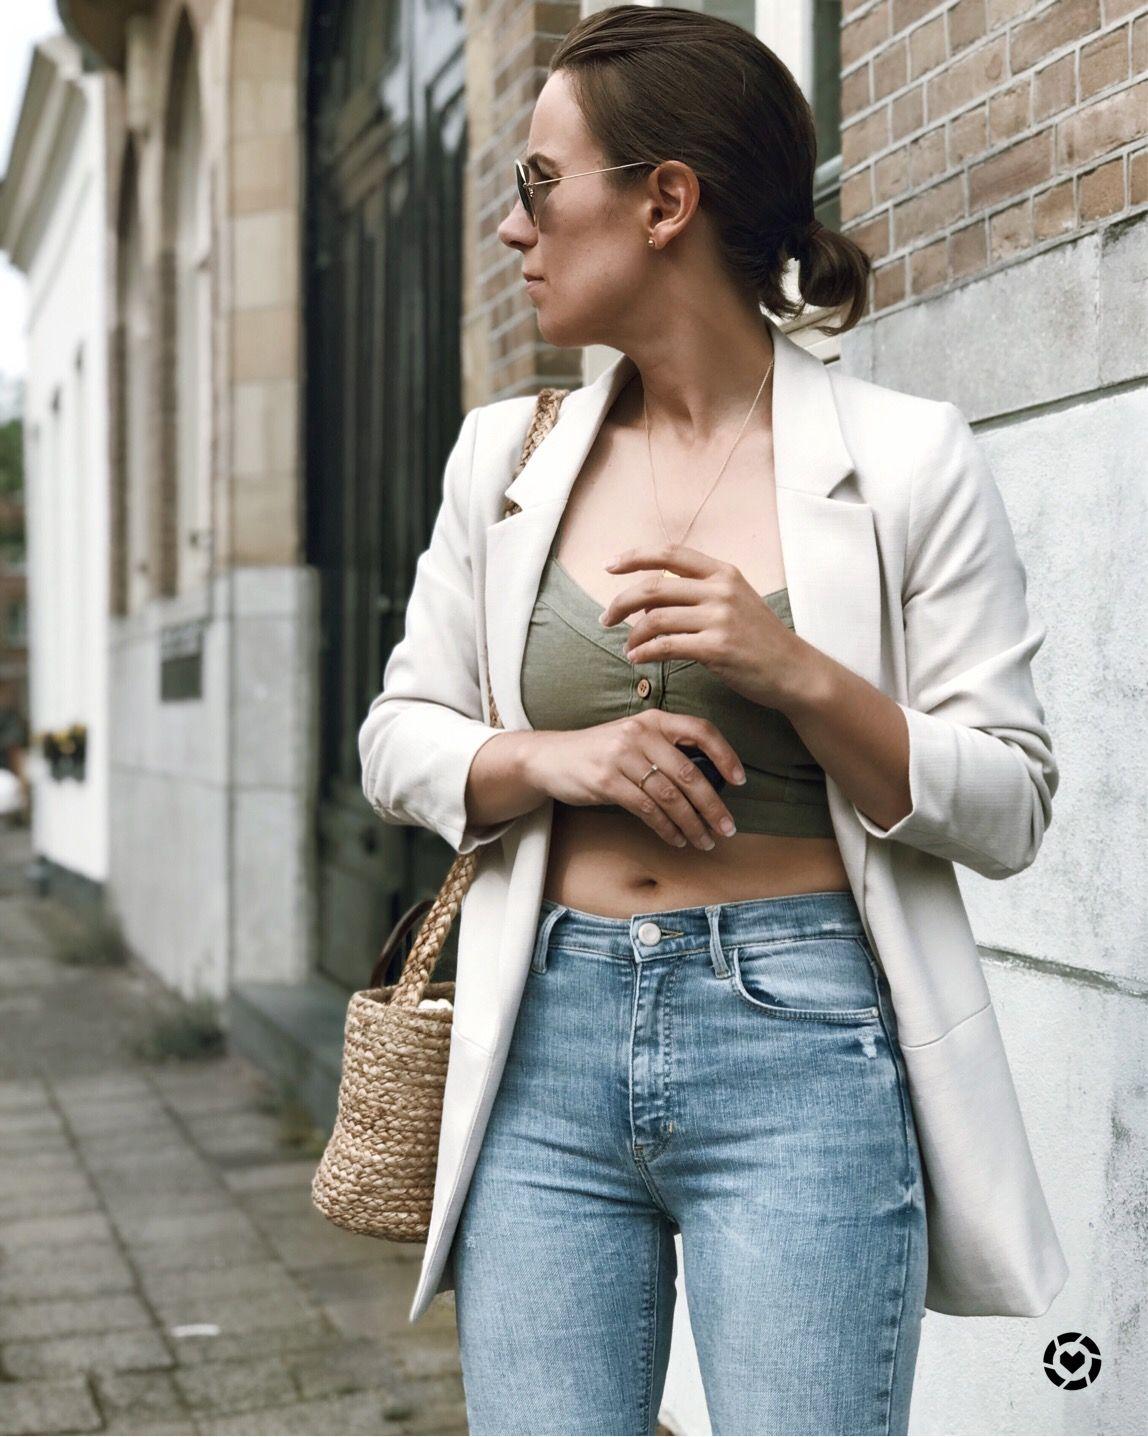 Olive Khaki Linen Crop Top Beige Linen Blazer High Waist